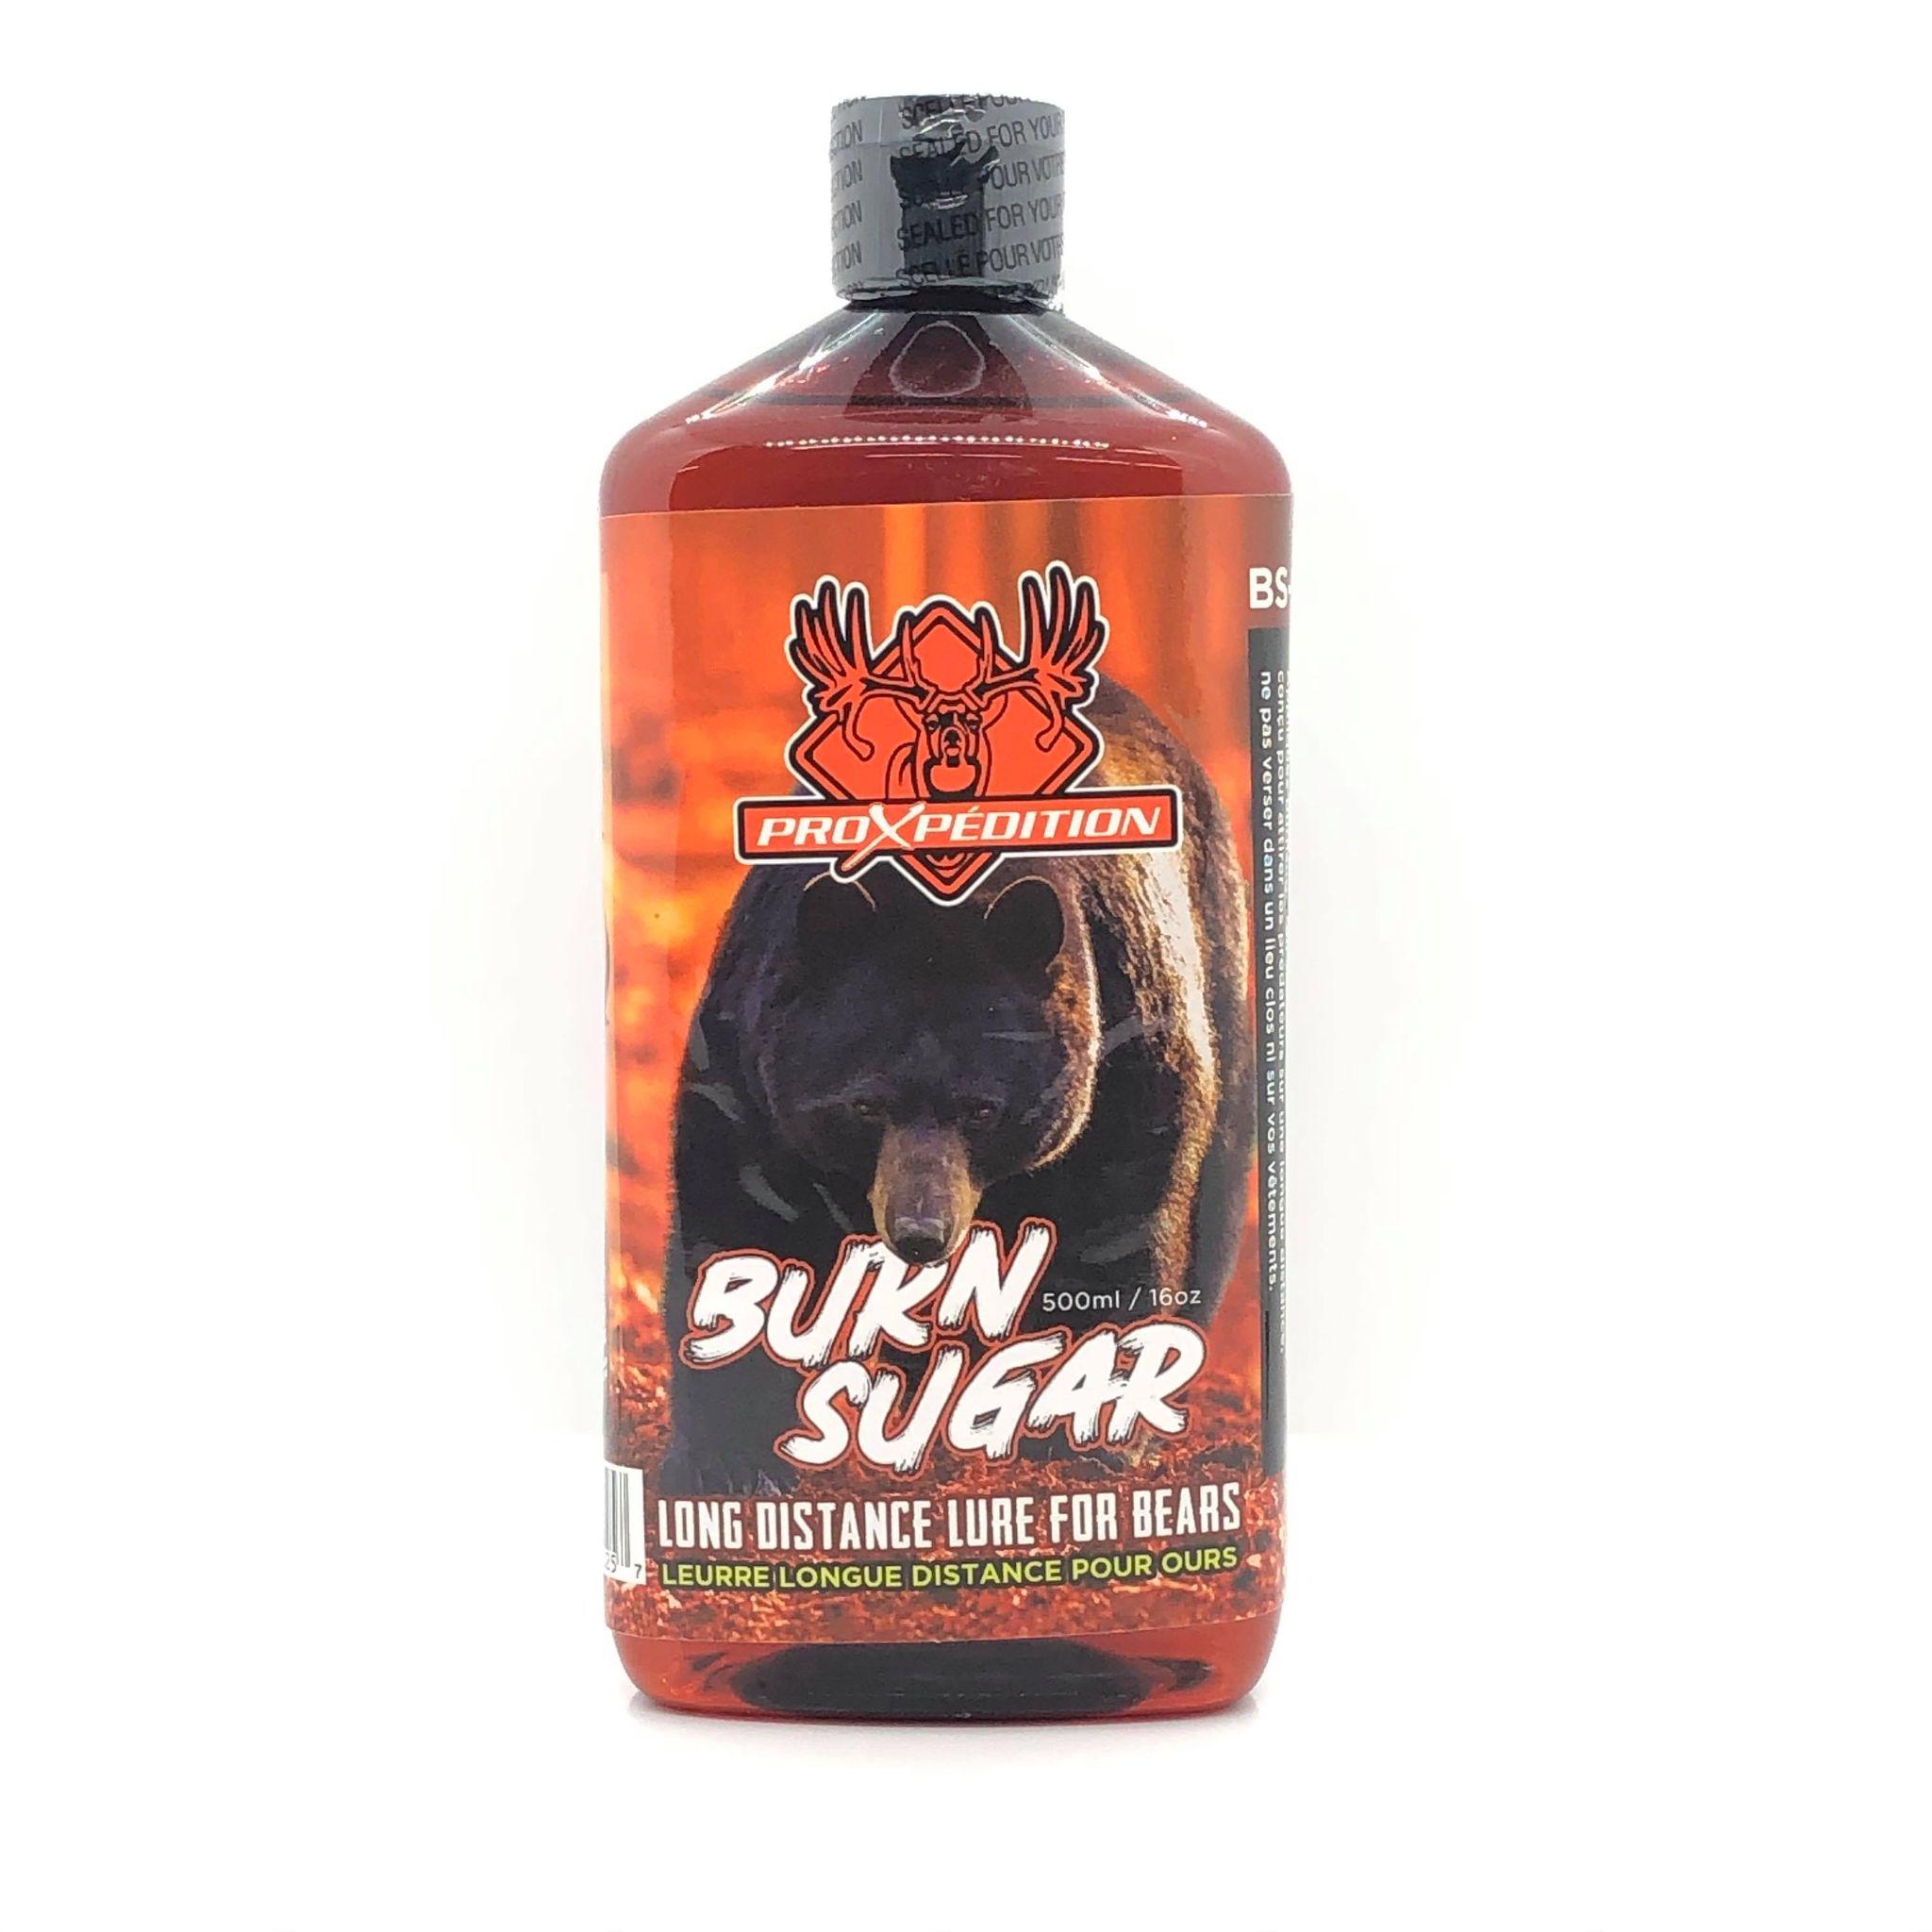 burnsugar